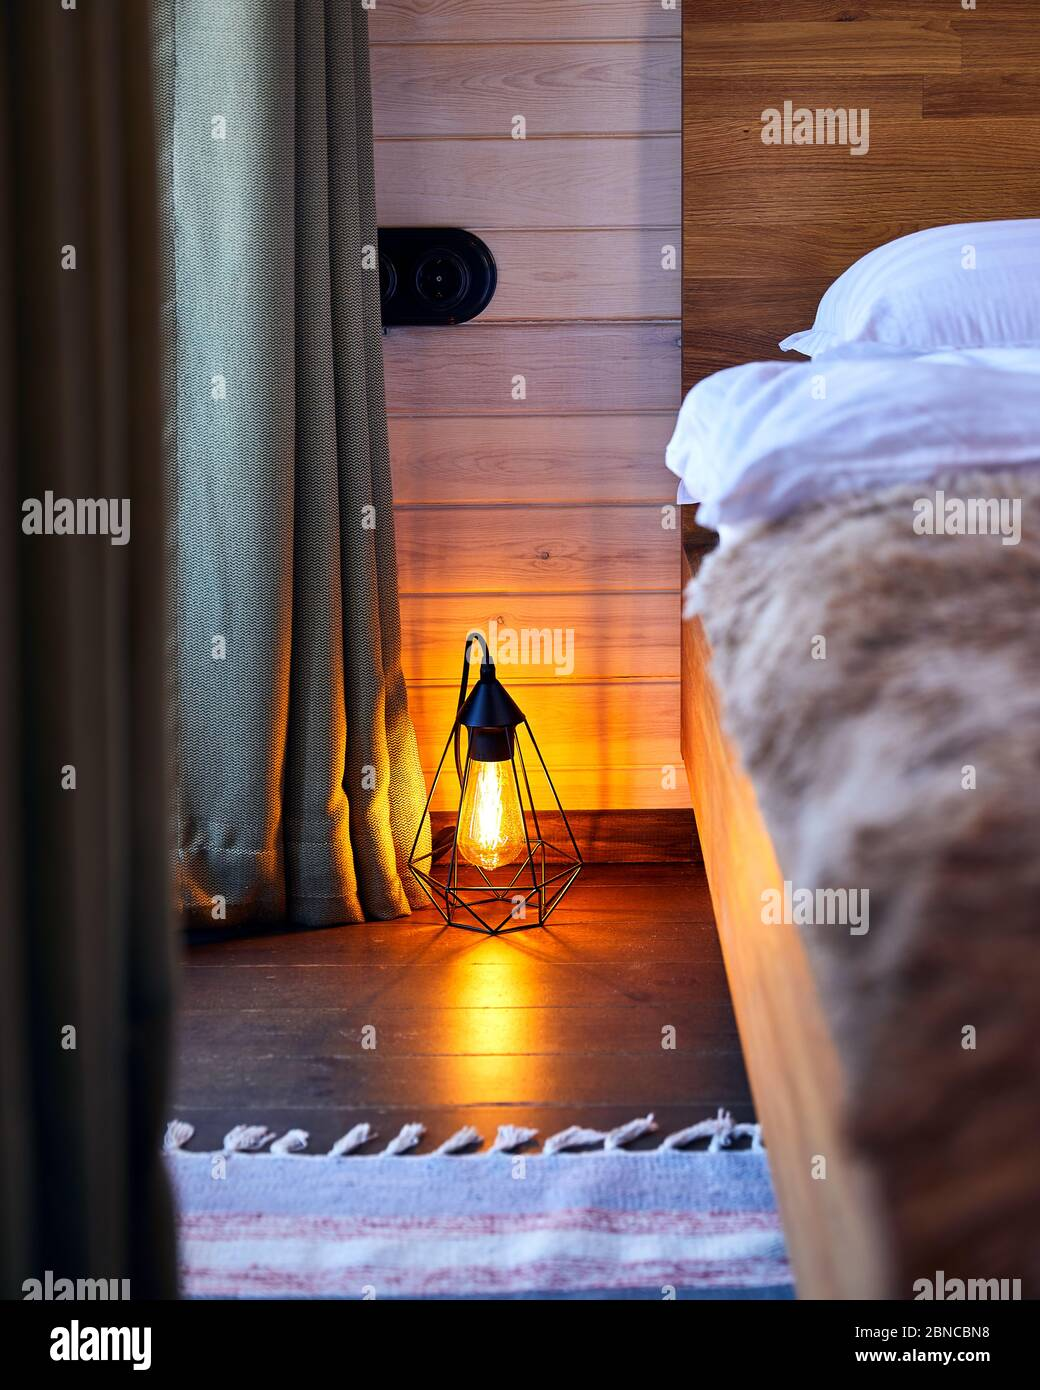 Intérieur moderne de la chambre confortable de l'hôtel avec une lampe de loft illuminée sur le parquet Banque D'Images